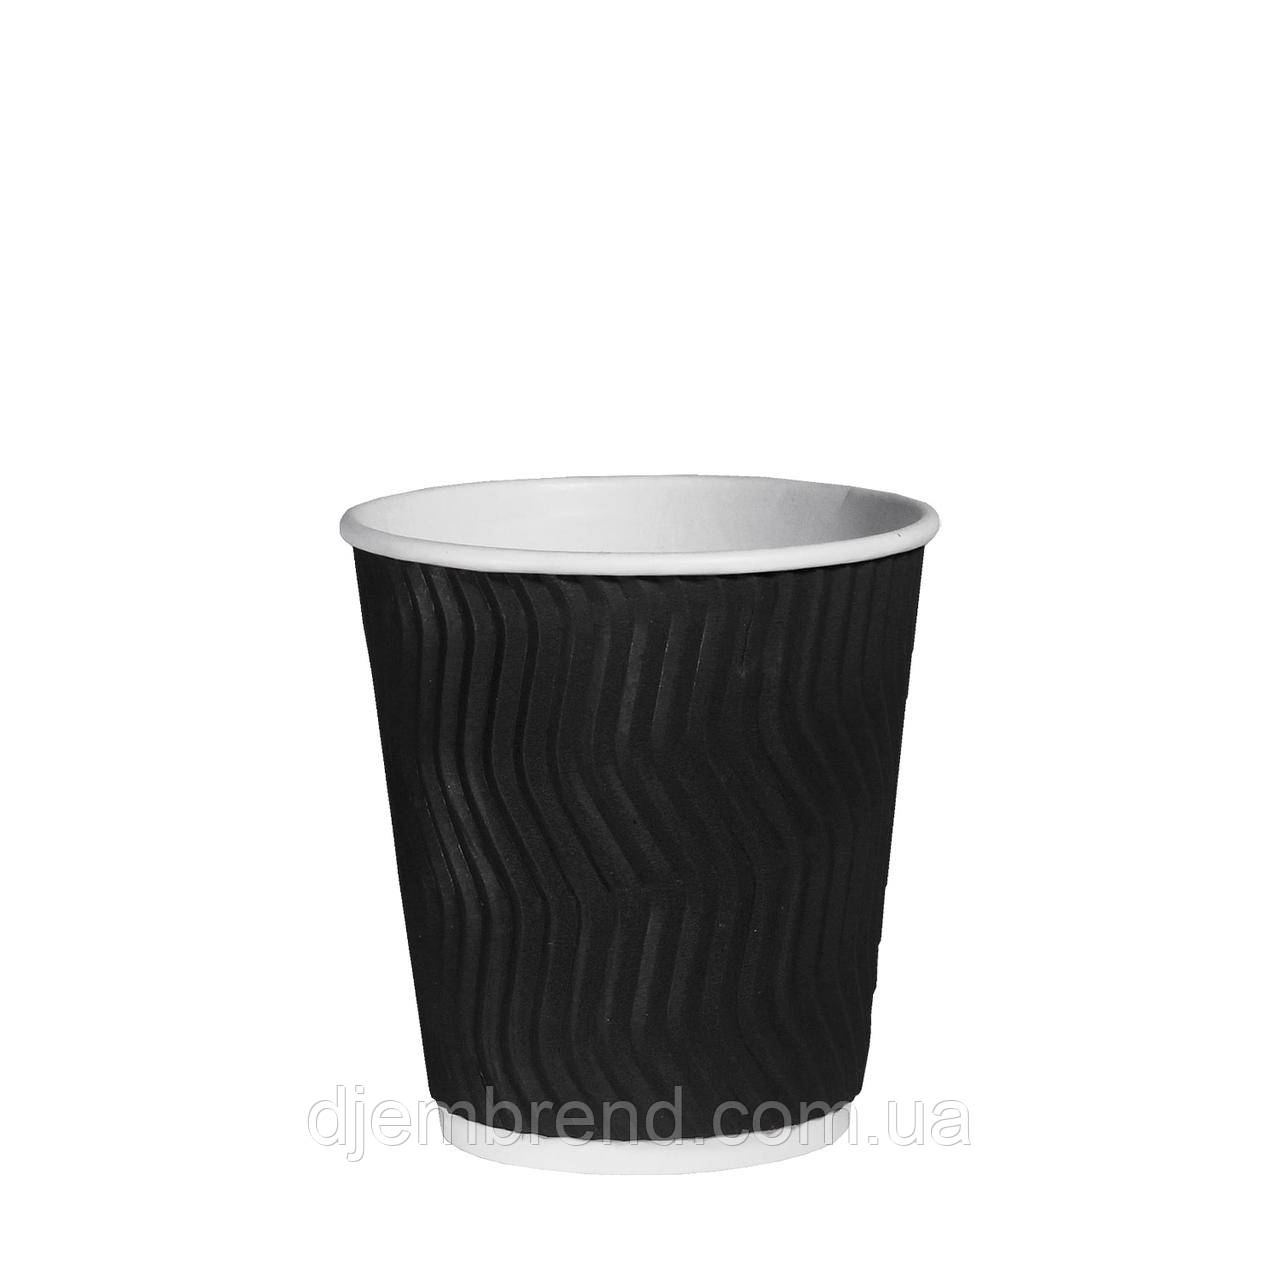 Стакан бумажный гофрированный Эко-гофра Черный 250мл. (8oz) 25шт/уп (1ящ/20уп/500шт) (КР81)